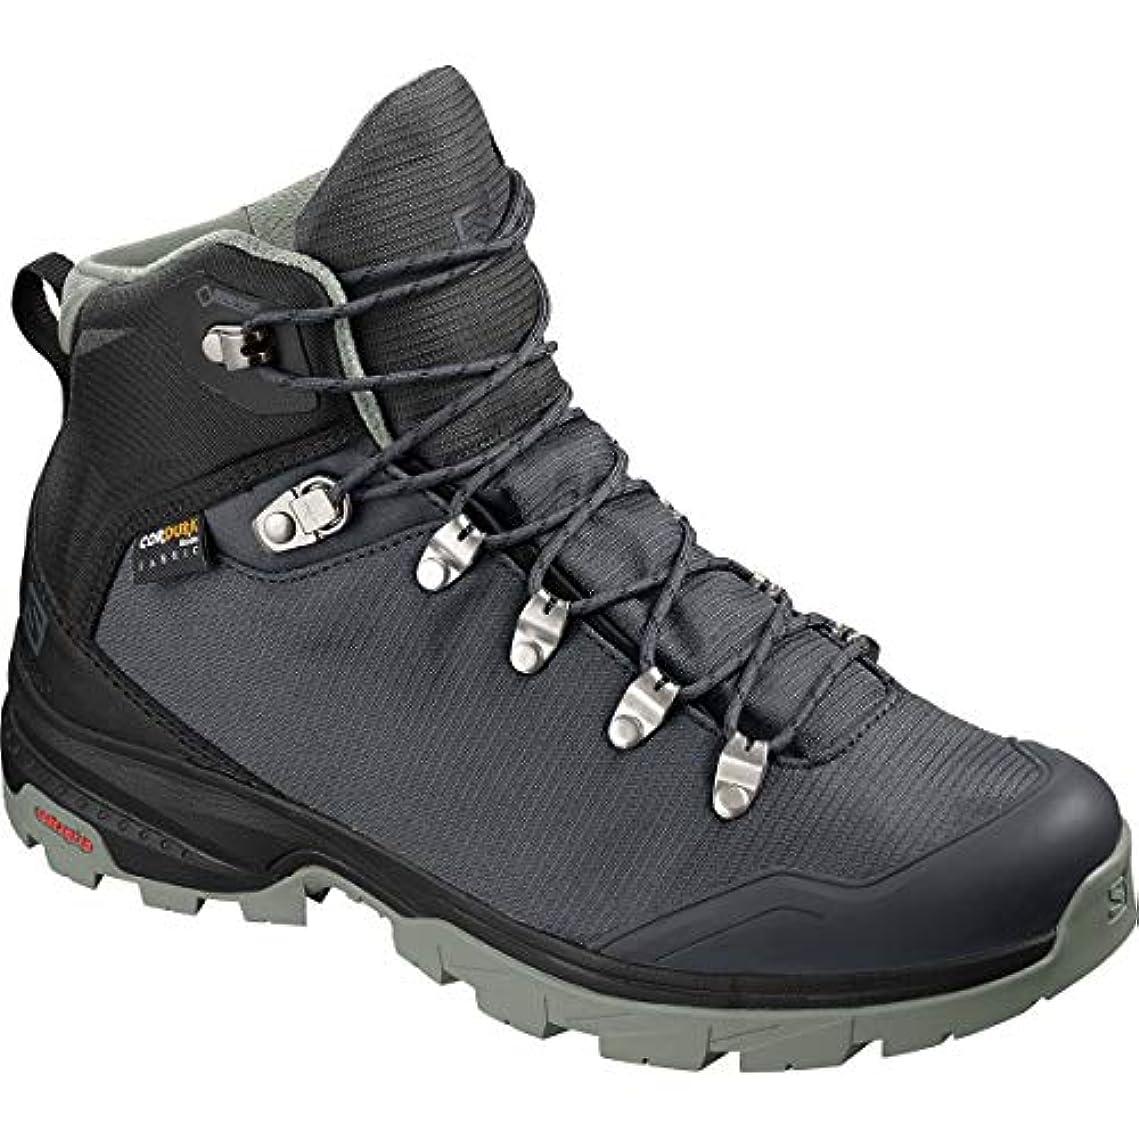 ライバルカリングメッシュ[サロモン] レディース ハイキング Outback 500 GTX Backpacking Boot - Women [並行輸入品]